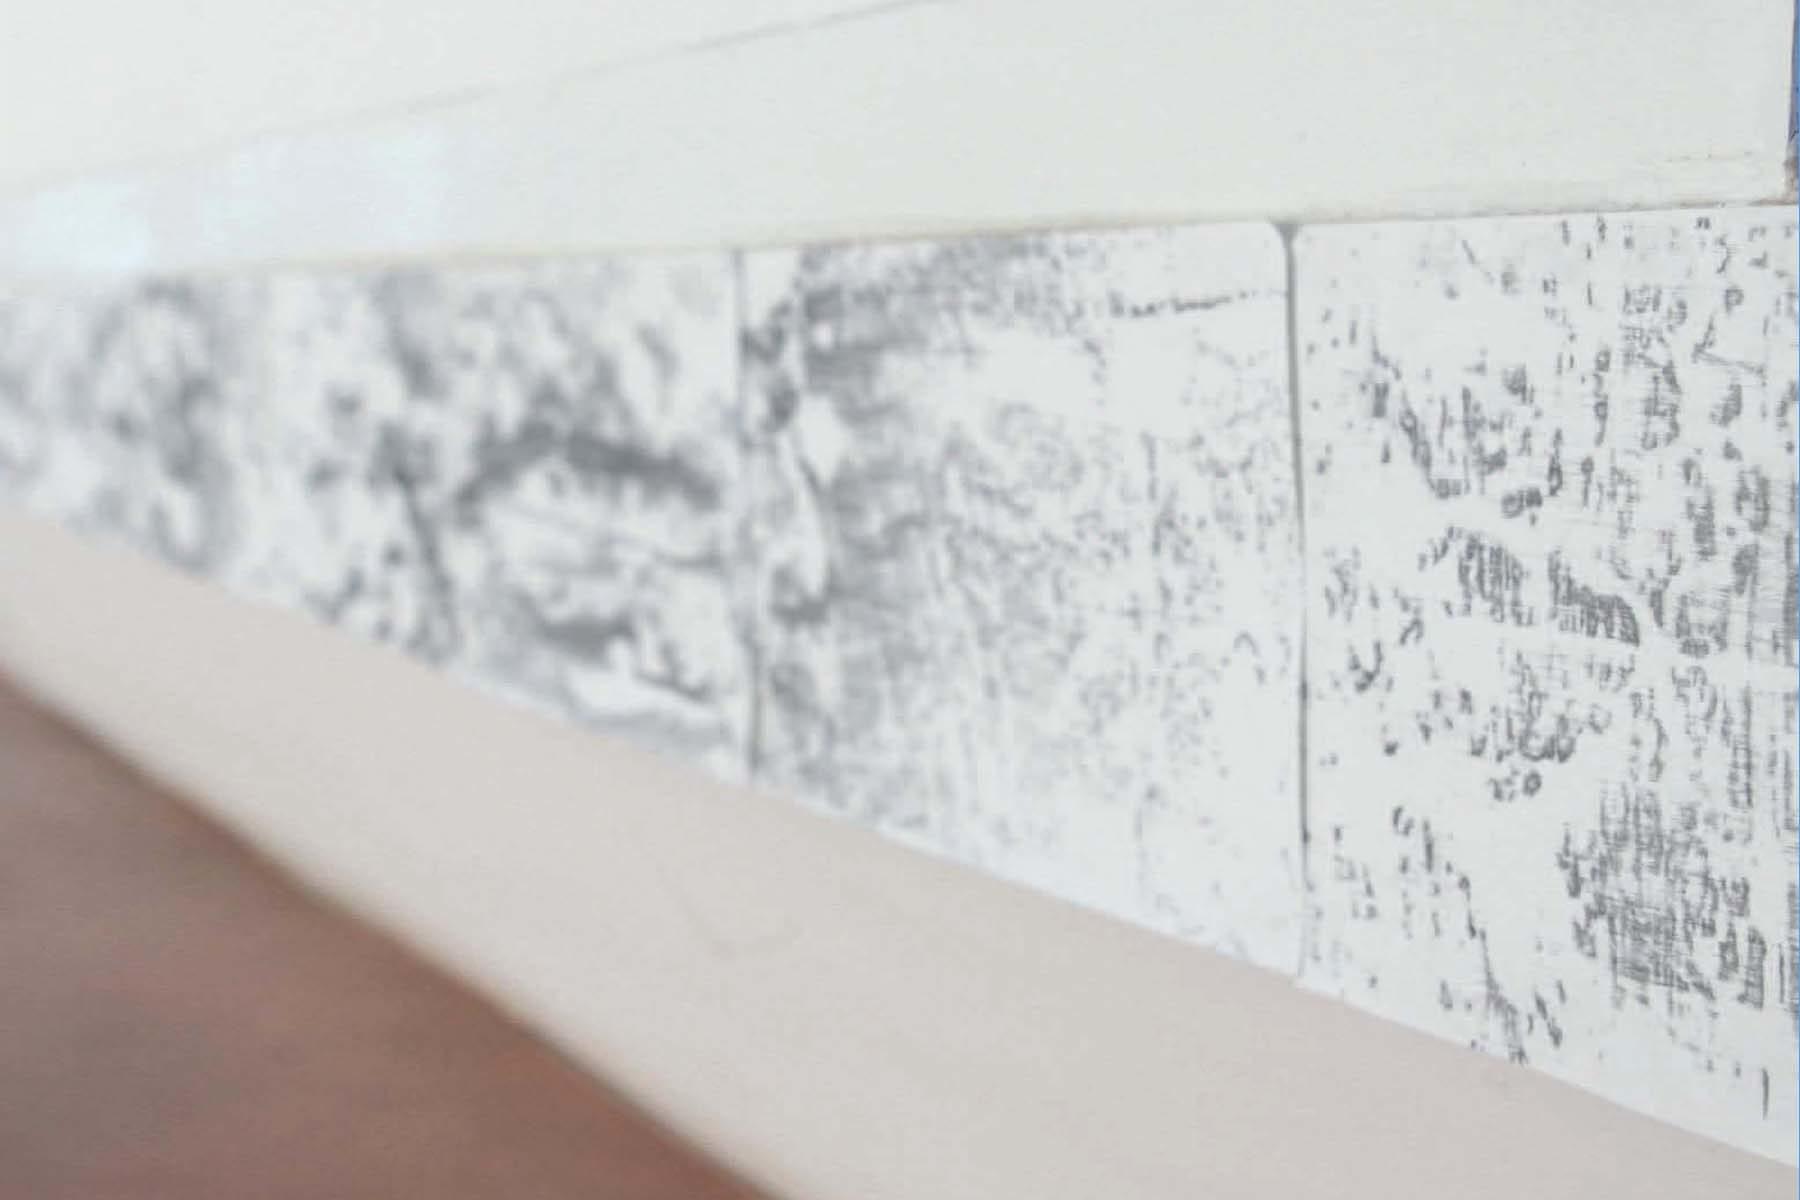 V. De Giovanelli, Come echi che a lungo e da lontano si confondono, 2015, installation, frottage, graphite on stone paper, 21 x 12 cm each